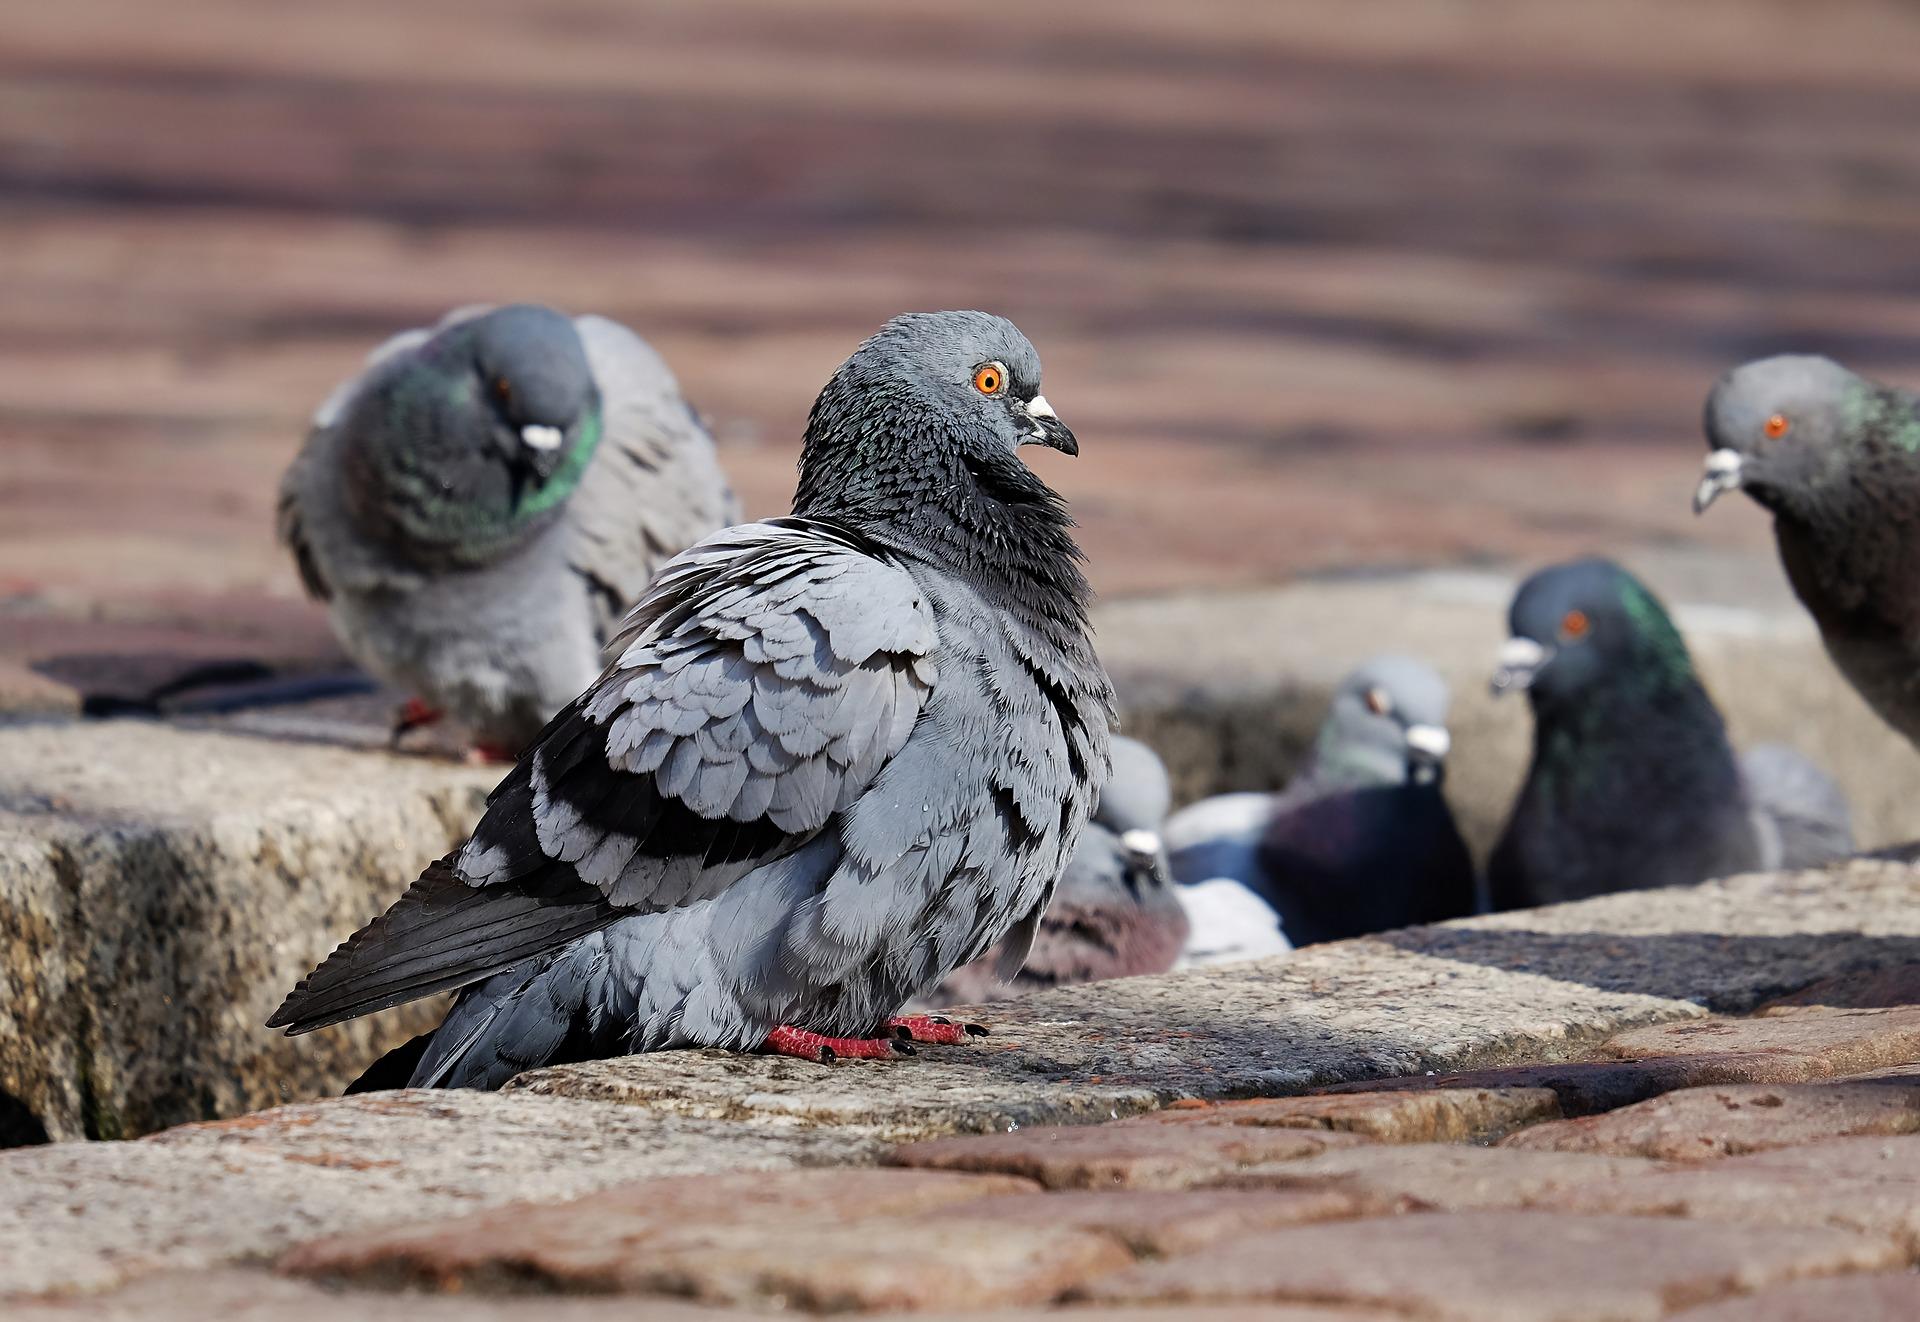 Hrănirea porumbeilor pe domeniul public a fost interzisă în Timișoara